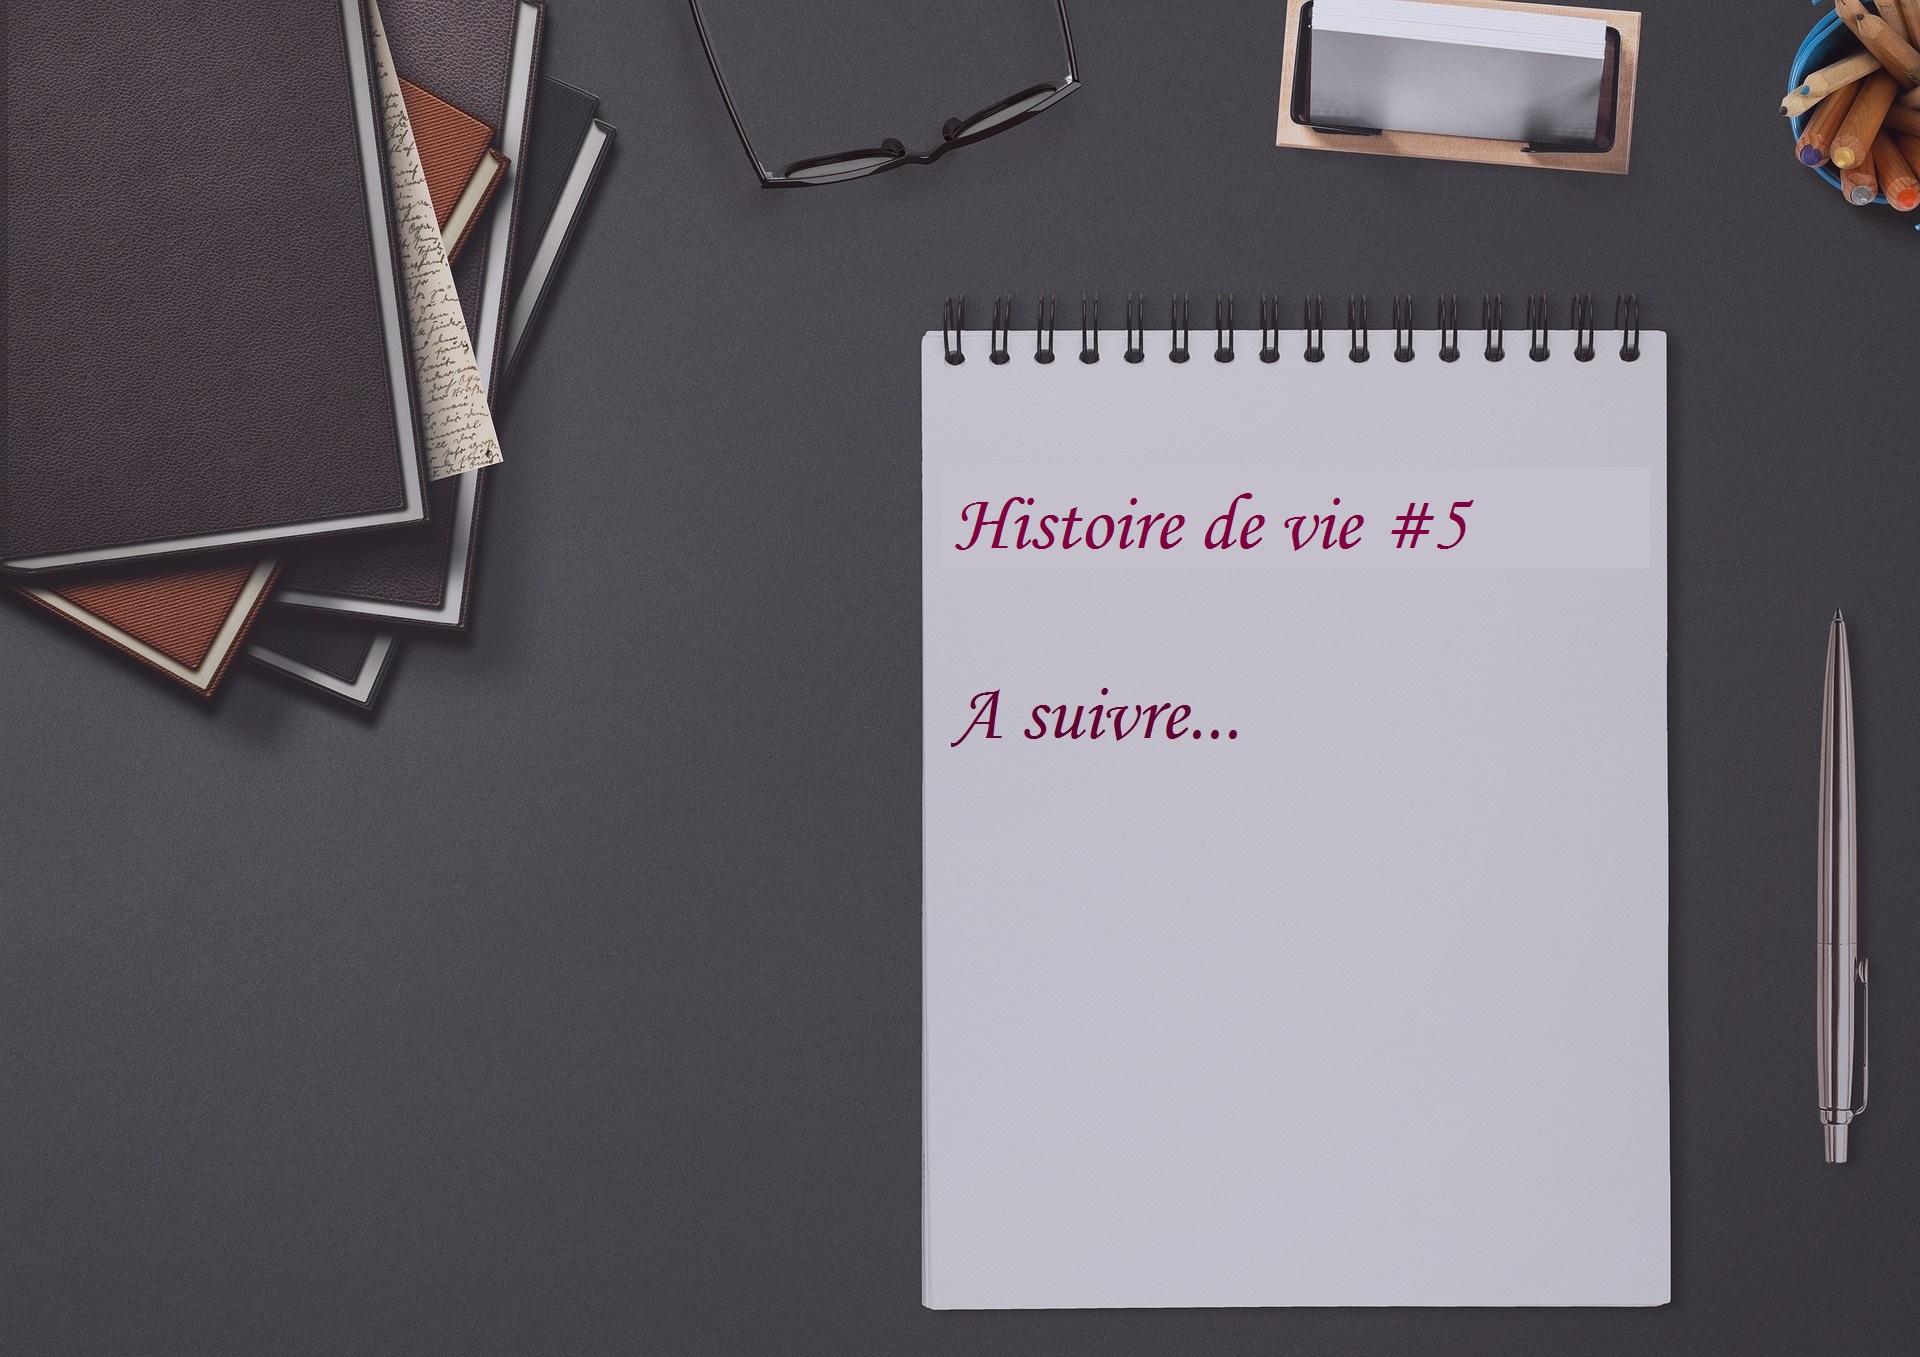 Histoire-de-Vie- Chapitre-A-Suivre-Une-Empreinte-Une-Plume